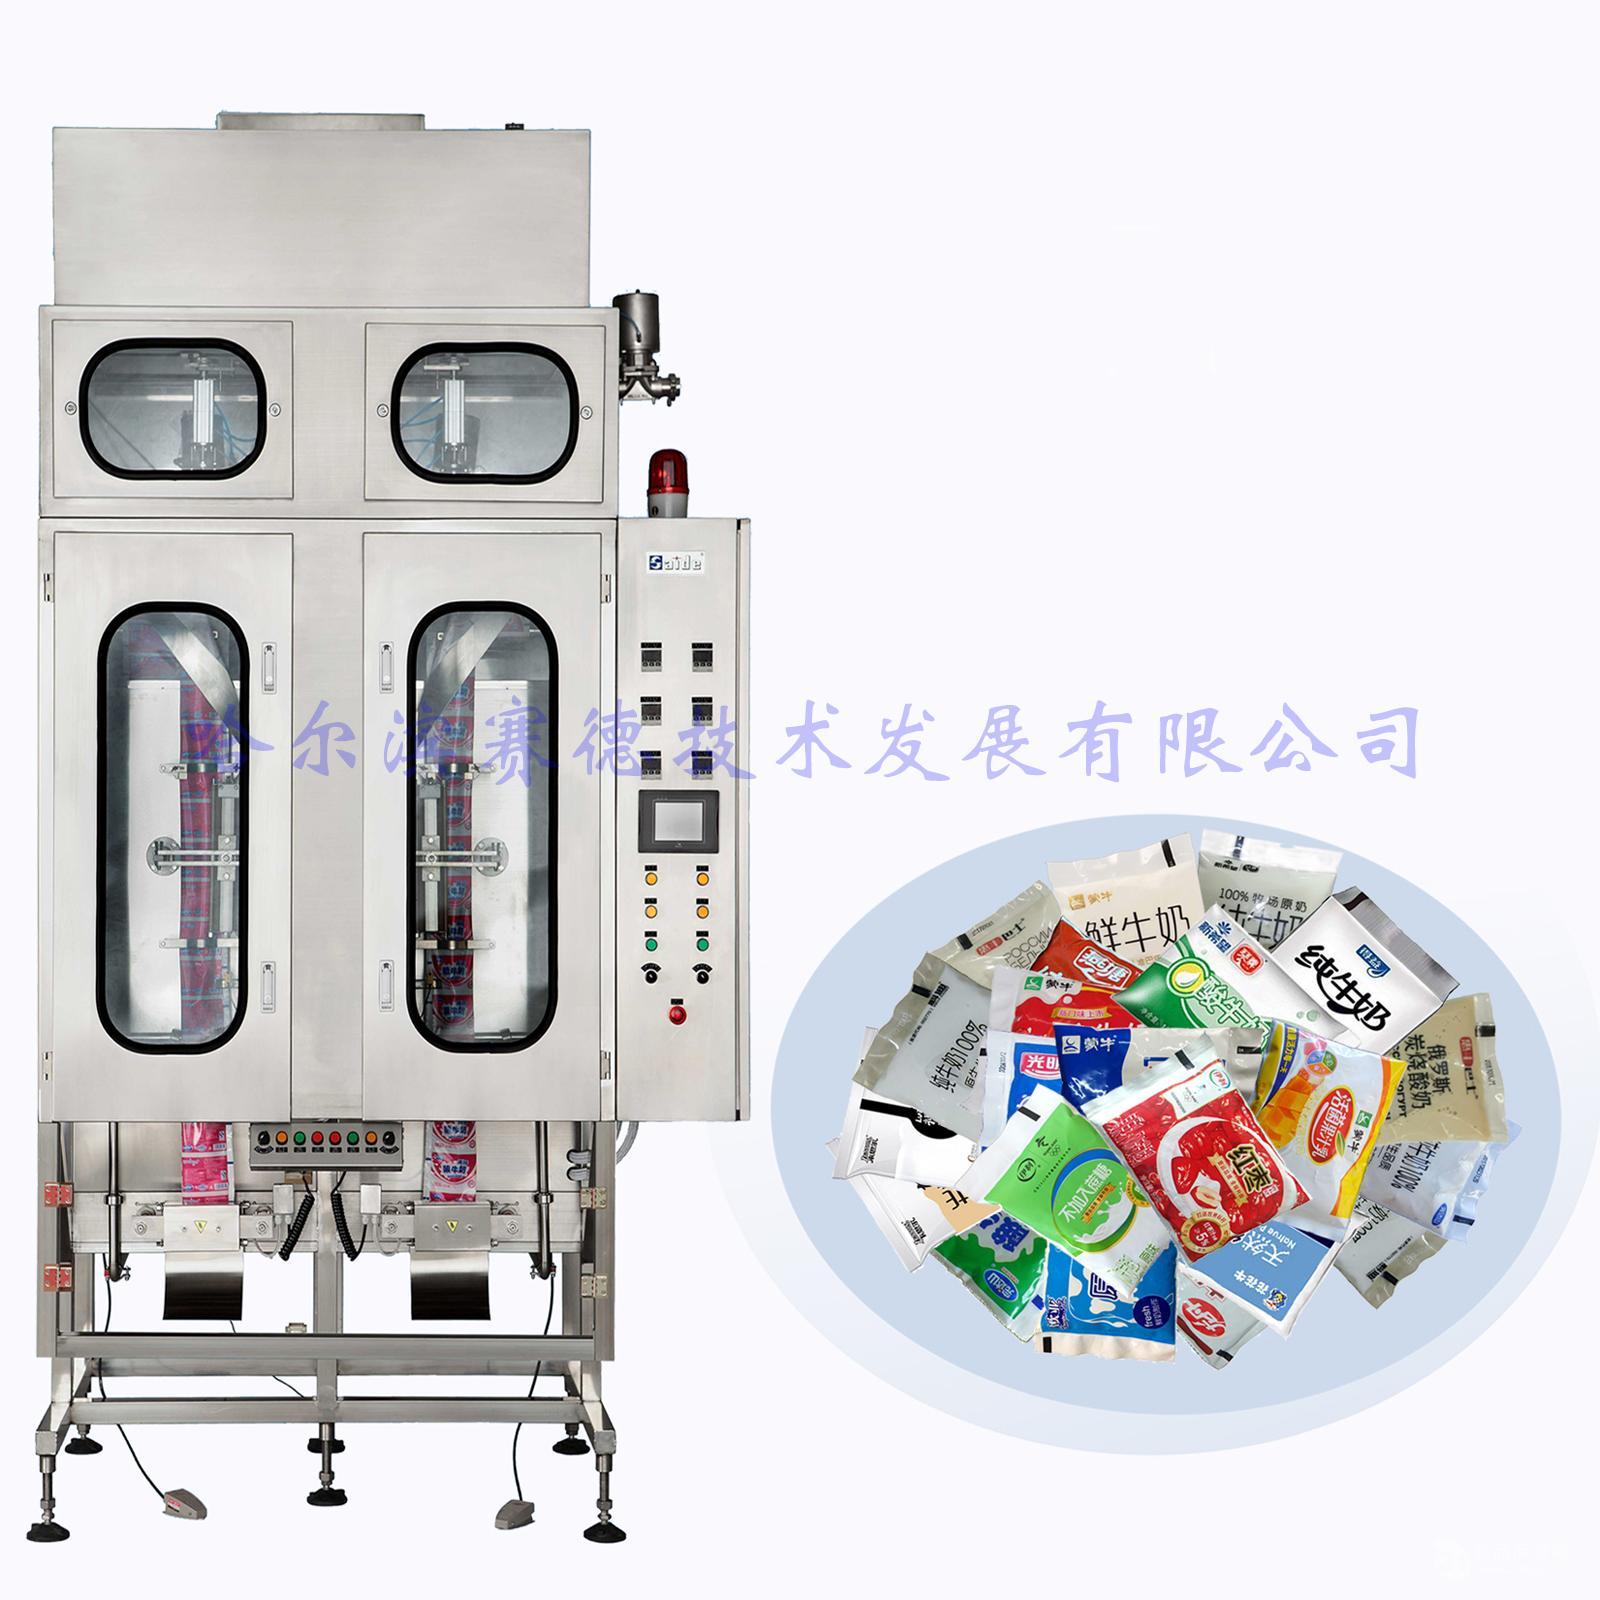 赛德 巴氏奶包装机 百级洁净侧封 7000~9000袋/小时